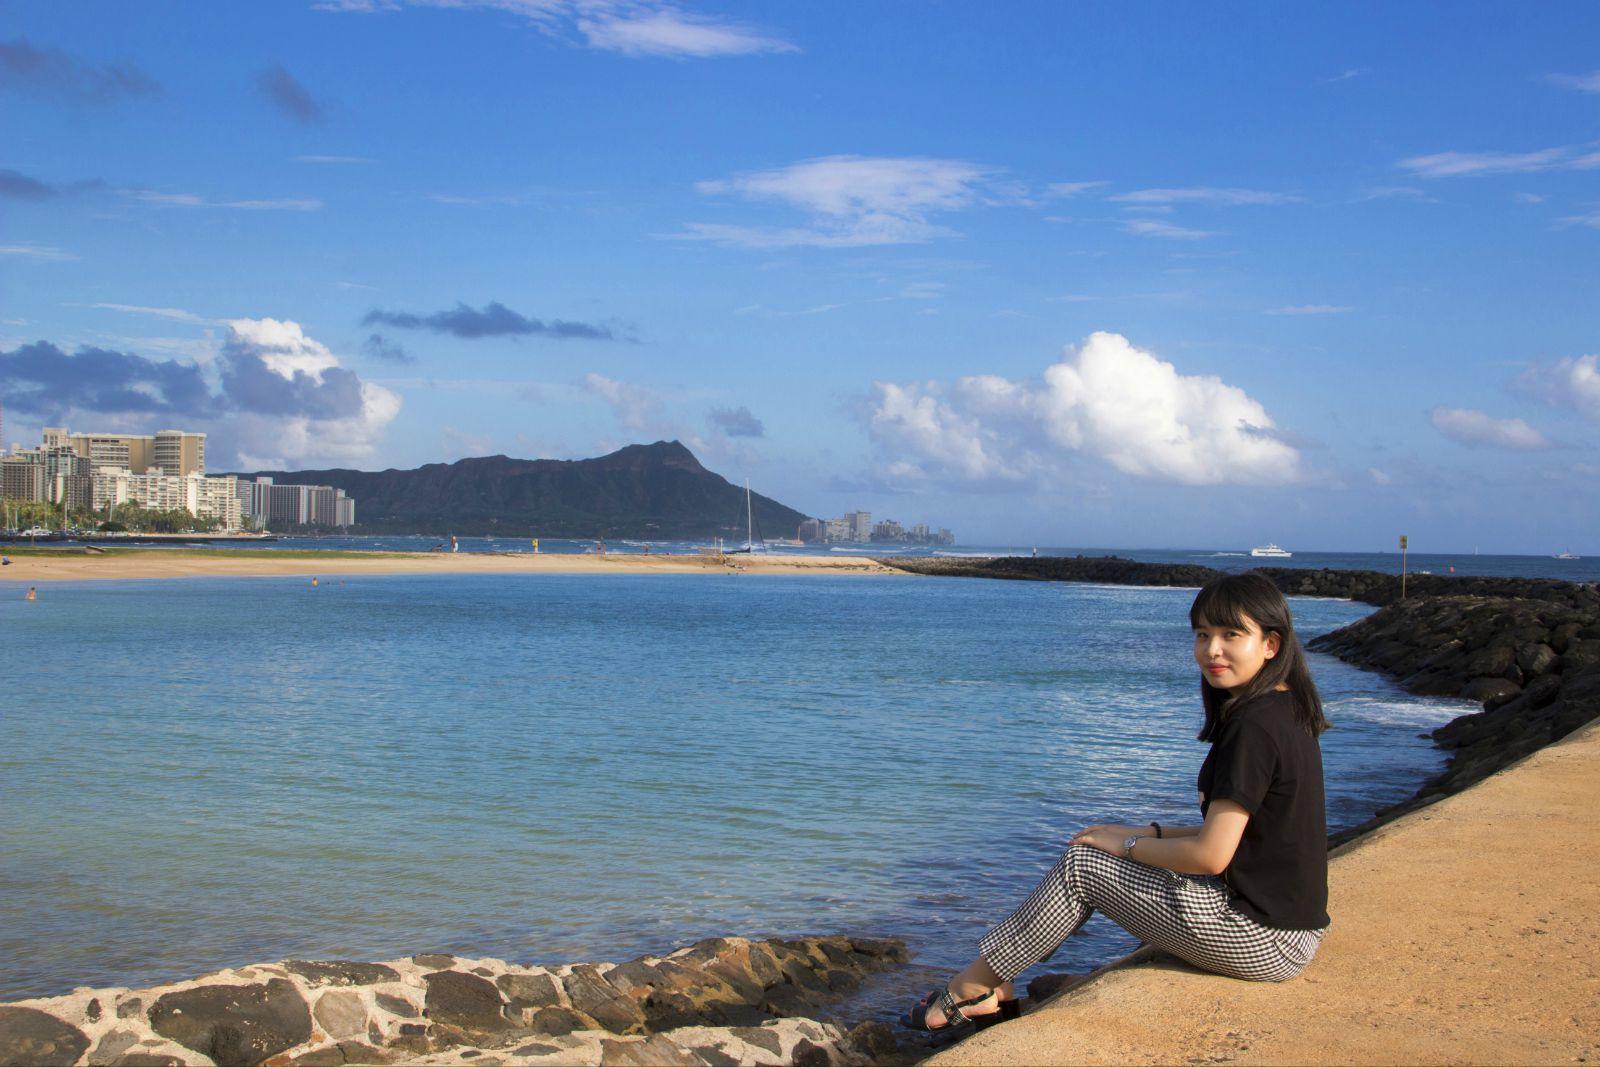 很多人都问过我,夏威夷这种度假风特别浓的地方除了下海玩水晒太阳之外还有什么好玩的,这次就来给大家说一说。夏威夷不同于马代、毛里求斯,不仅有无敌海景和绿树白沙,同时食物也是非常美味,各国风味都可以吃到,从繁华都市到无人荒野,样样都有。 这是我第三次去夏威夷,夏威夷是日本人最爱的旅游地,针对日本人的各项服务特别全面,所以会说日语的话在夏威夷行走会很方便,而且现任州长也是日裔。